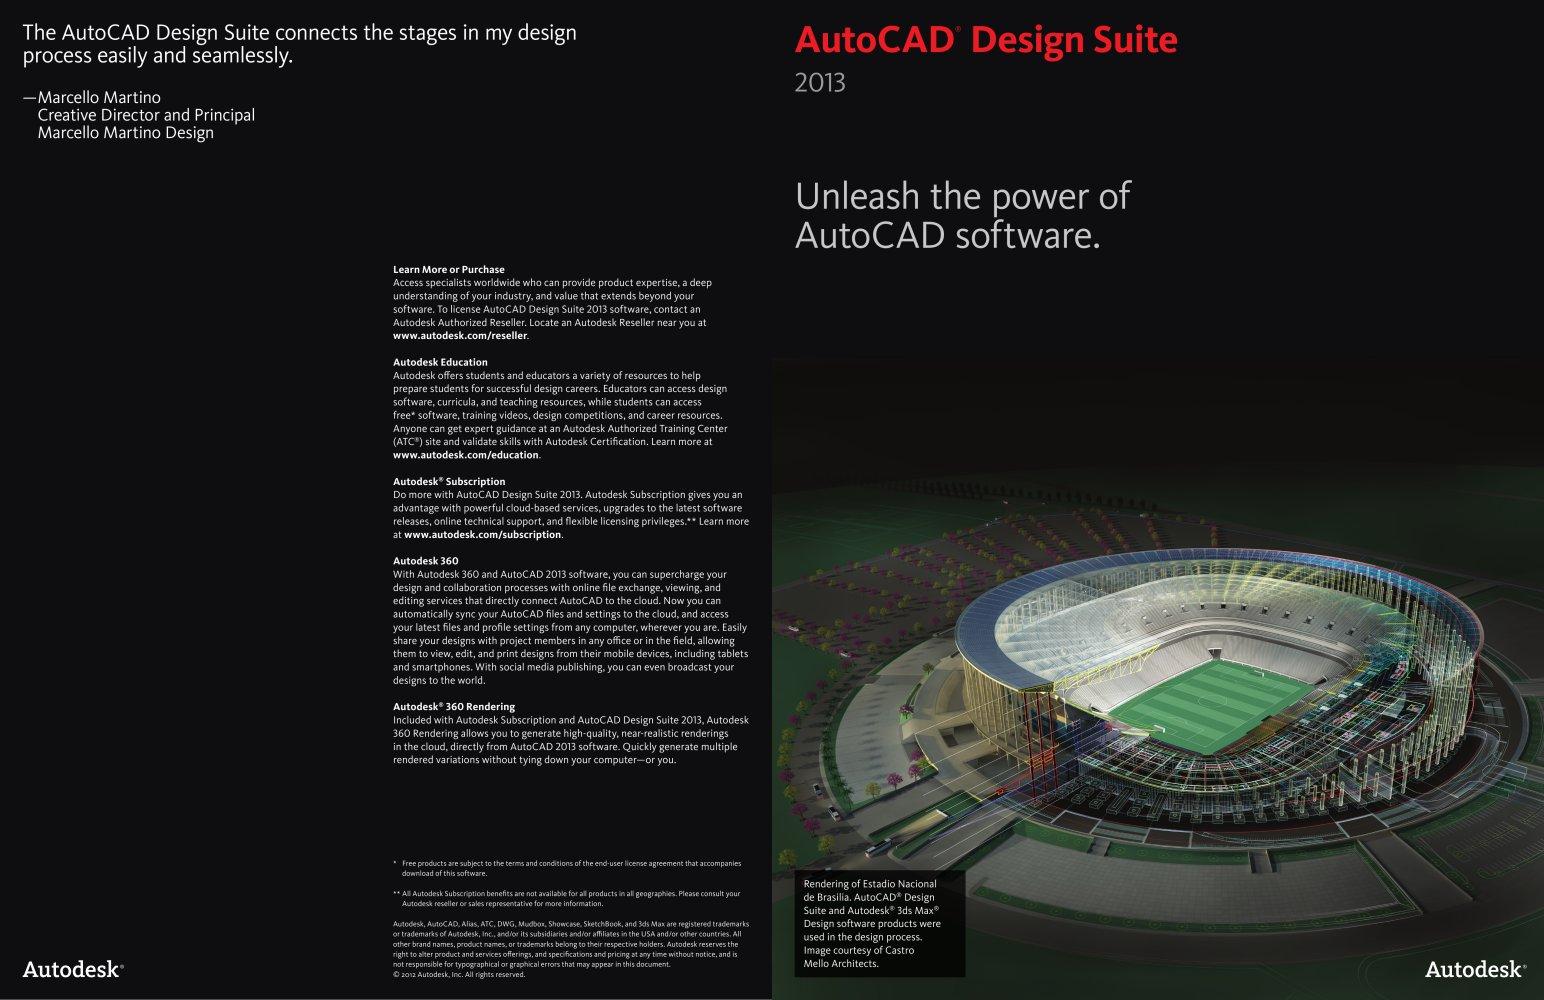 Autocad Design Suite Brochure Autodesk Pdf Catalogues